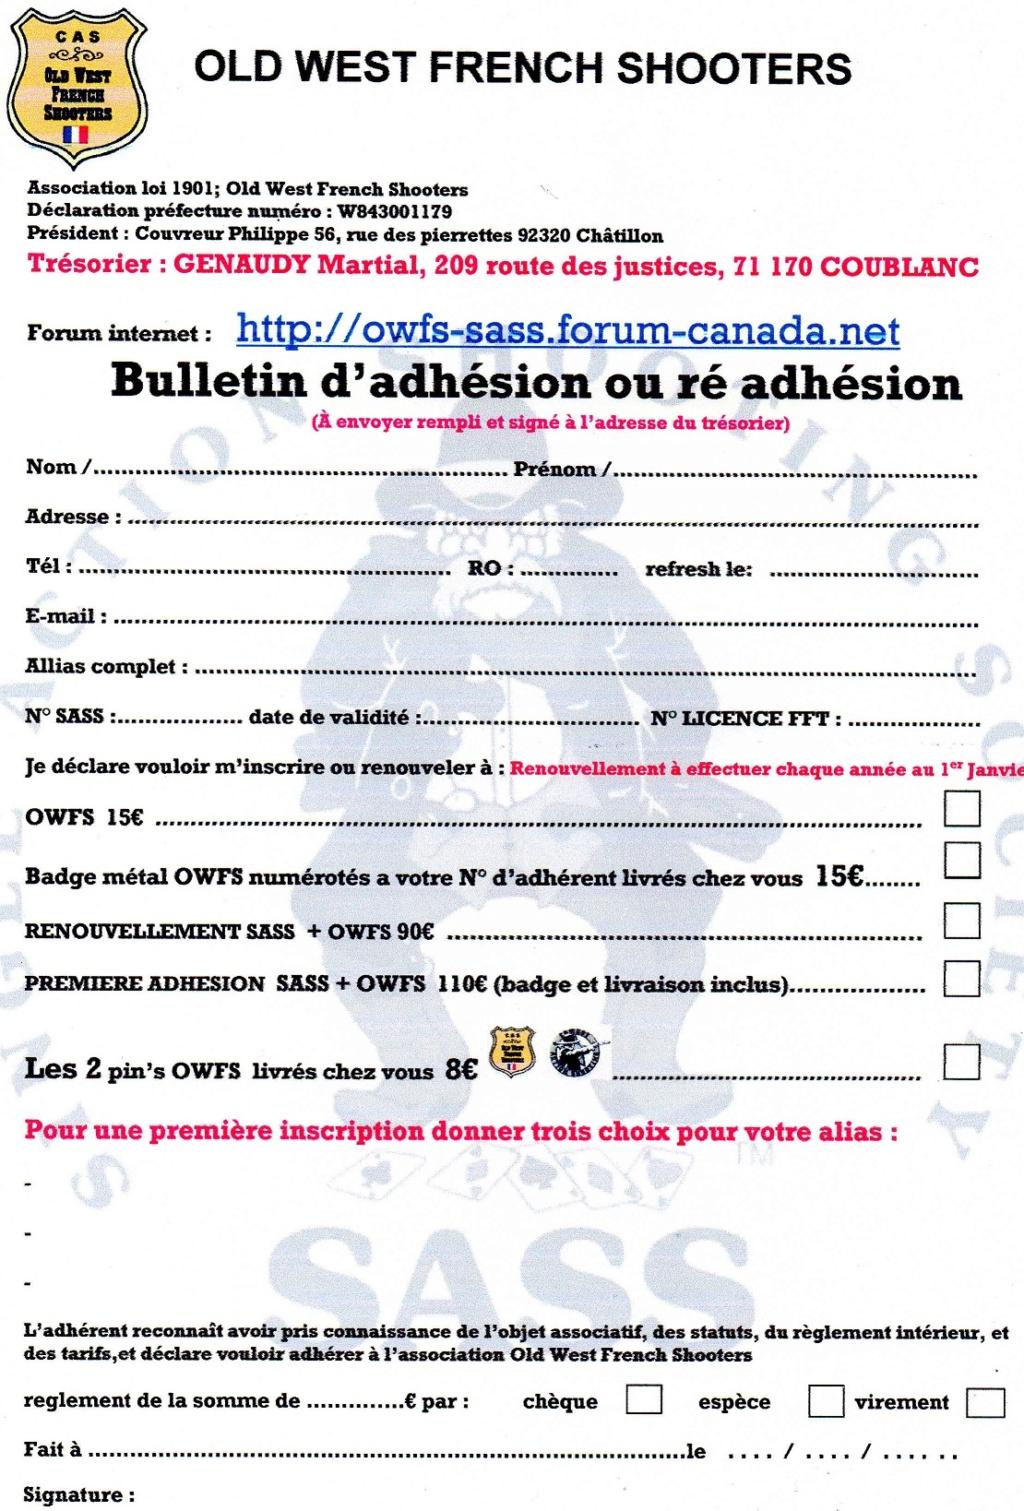 adhésion et ré adhésion 2021 Adhzos13